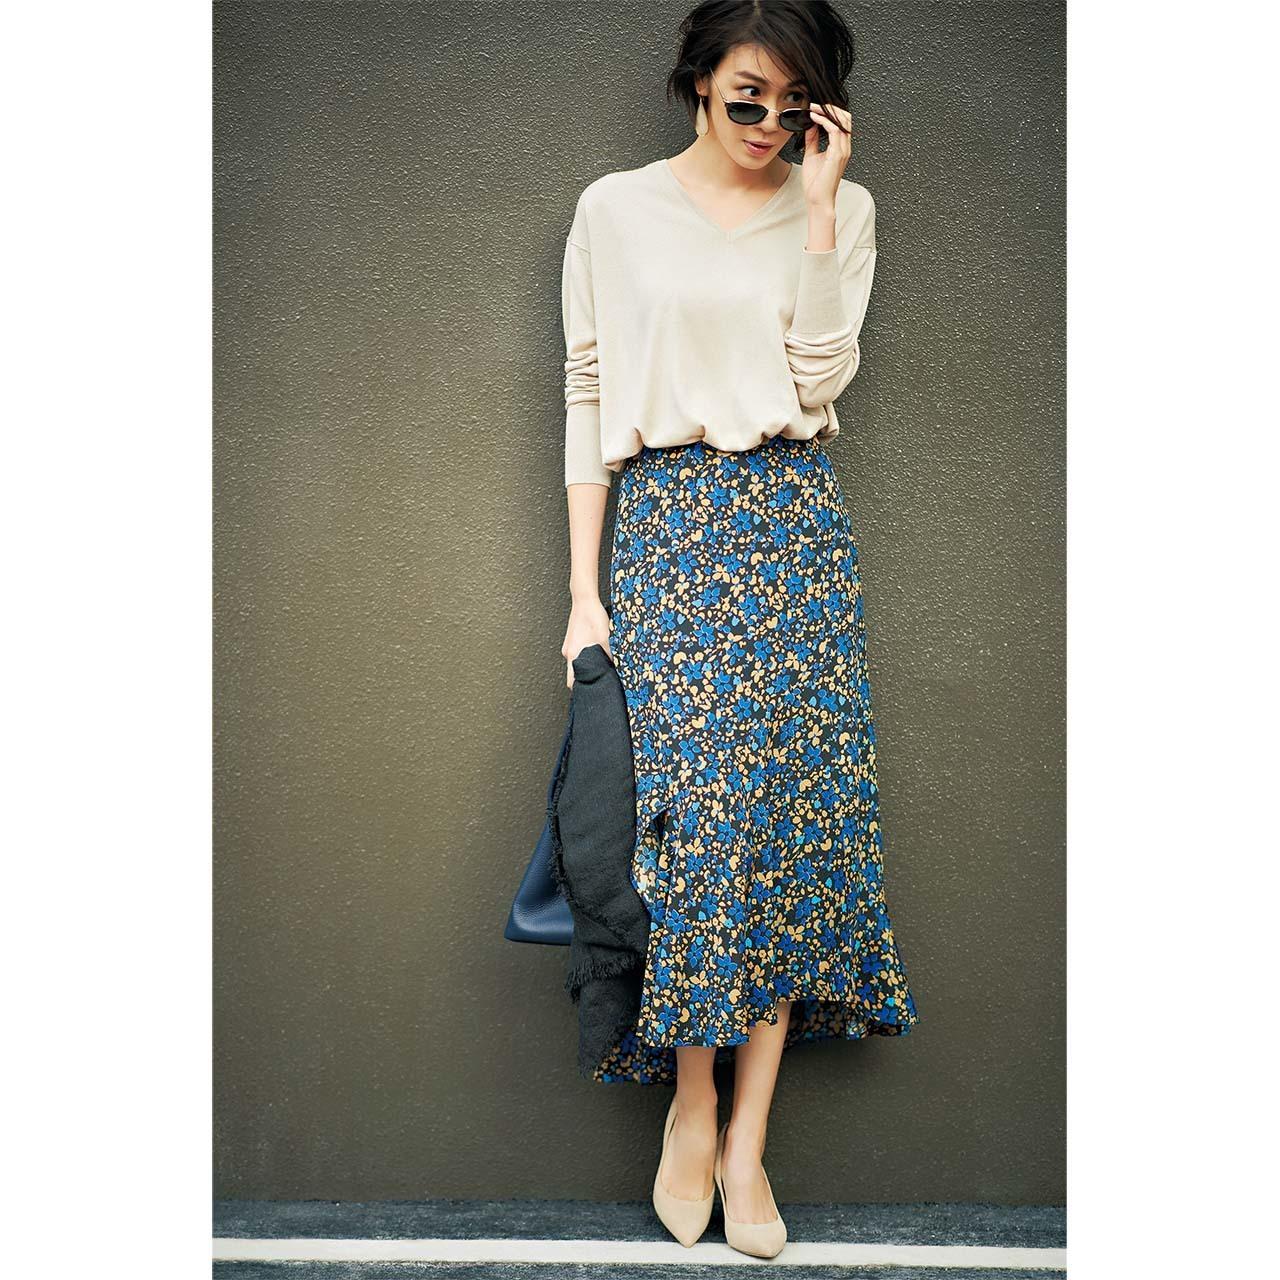 春こそ満喫!アラフォー向け着映えスカート6タイプ|40代レディースファッション_1_37